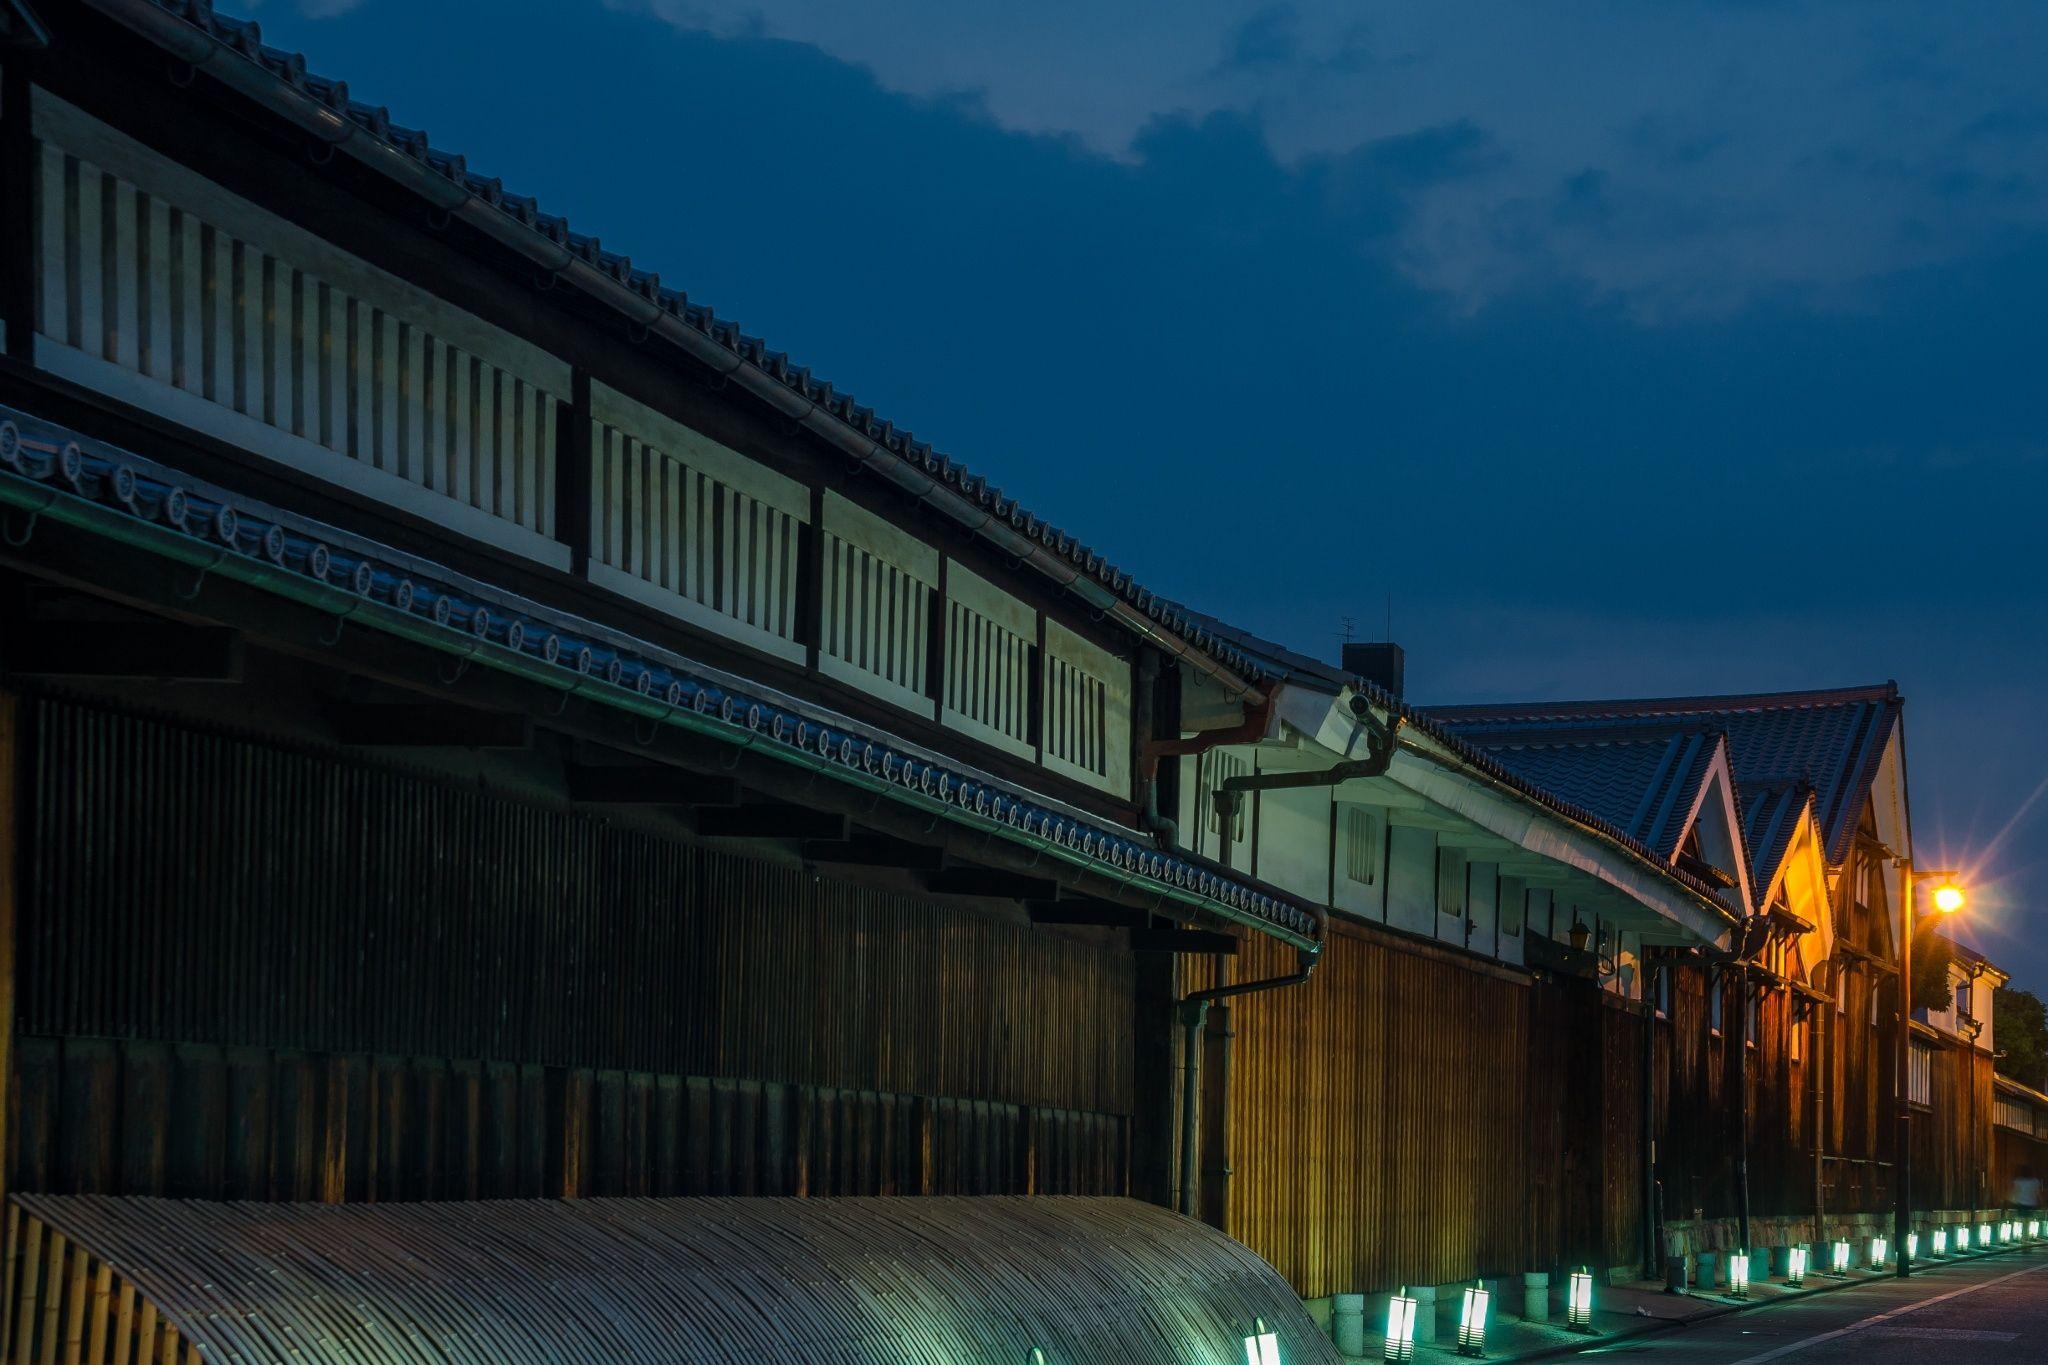 伏見の酒蔵ライトアップ / Fushimi no Sakagura